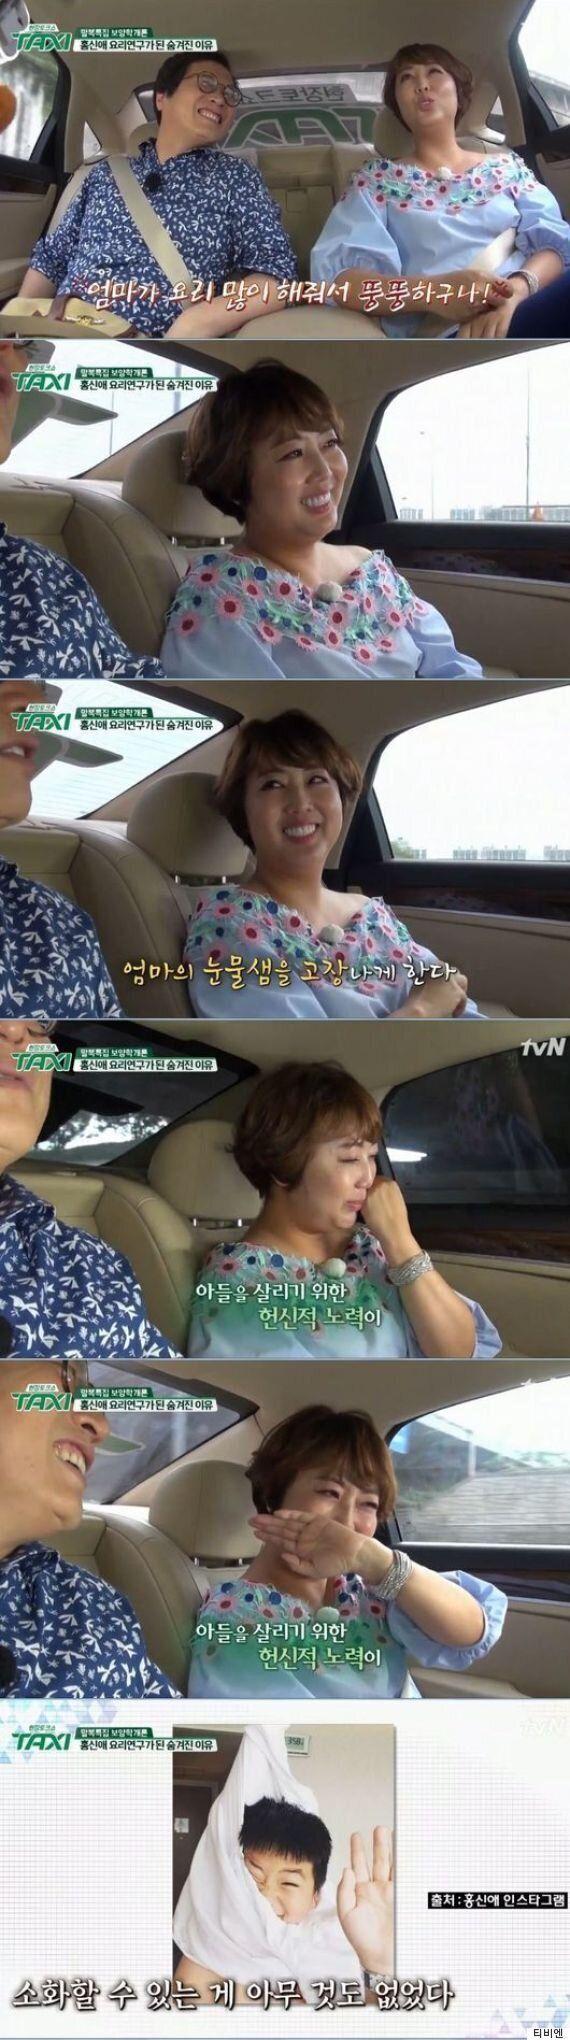 [어저께TV] '택시' 홍신애, 직업 뒤에 숨겨진 아픈